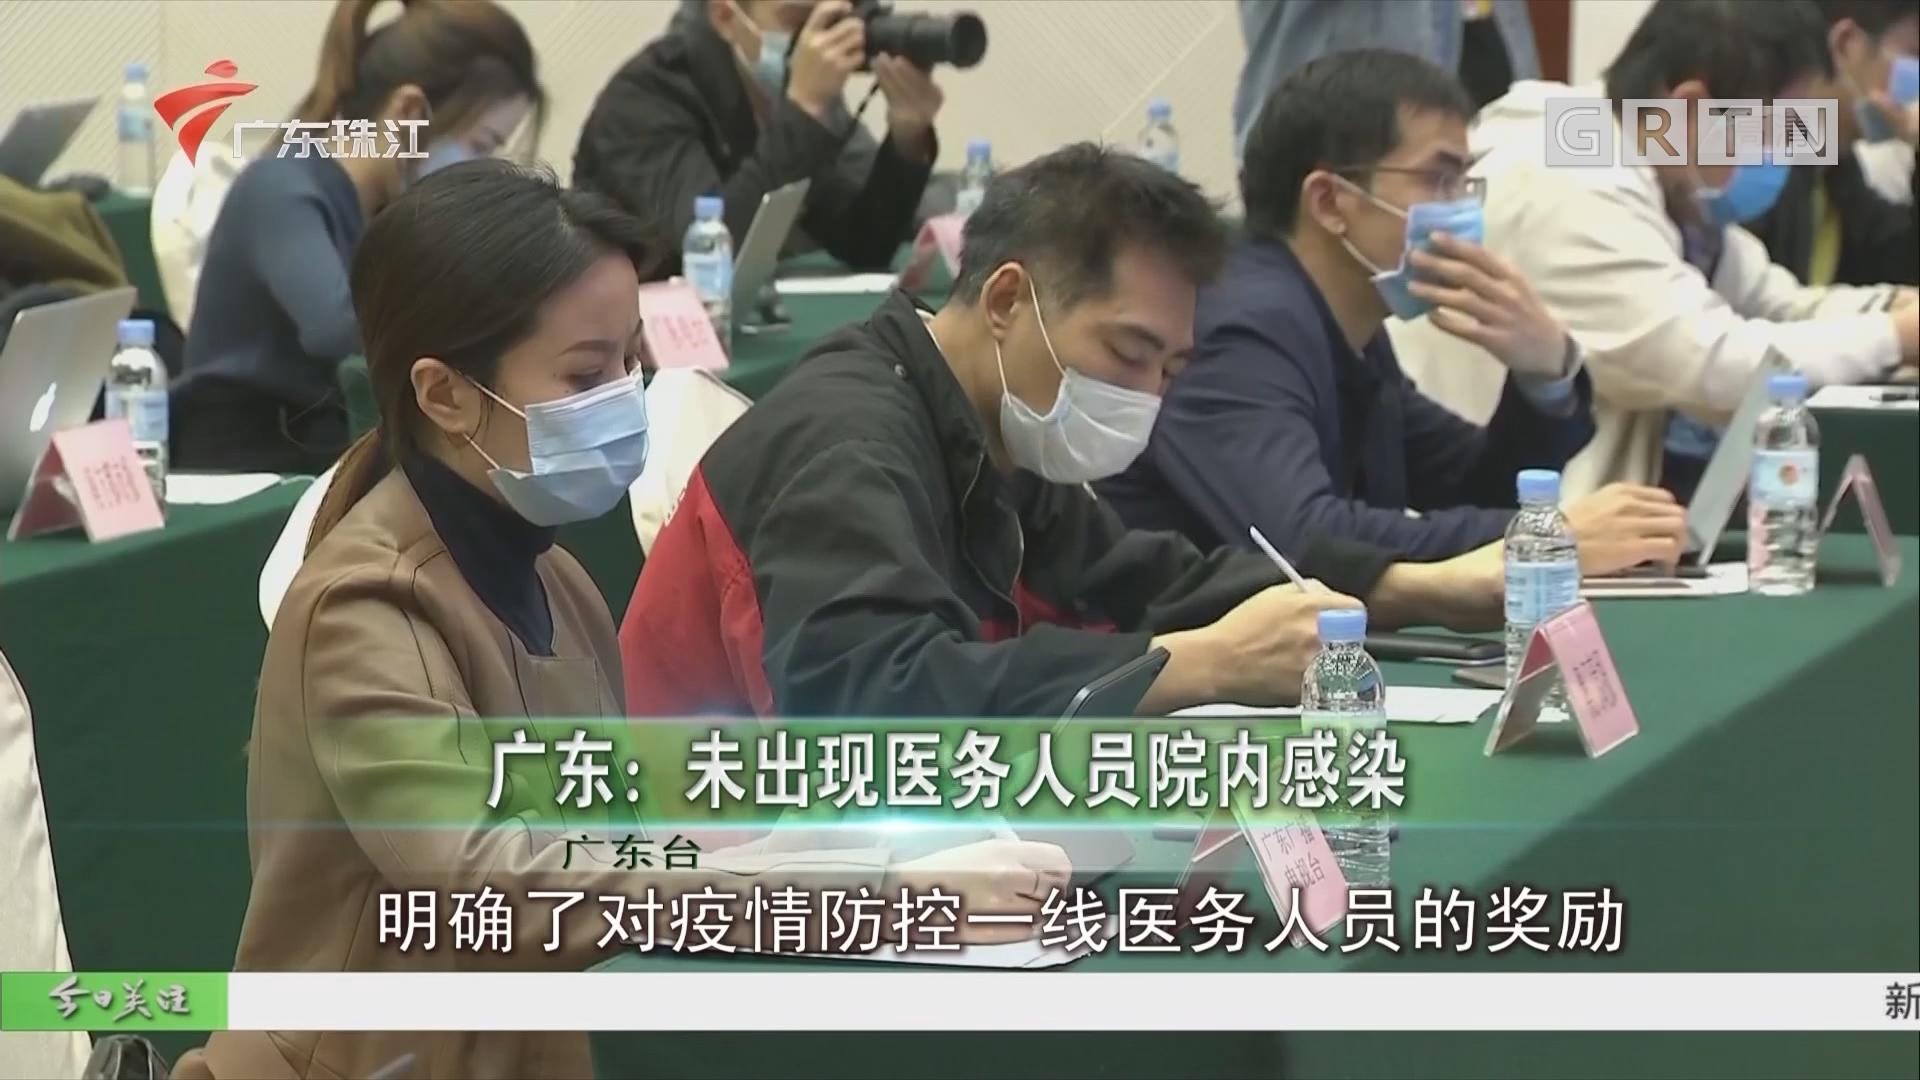 廣東:未出現醫務人員院內感染